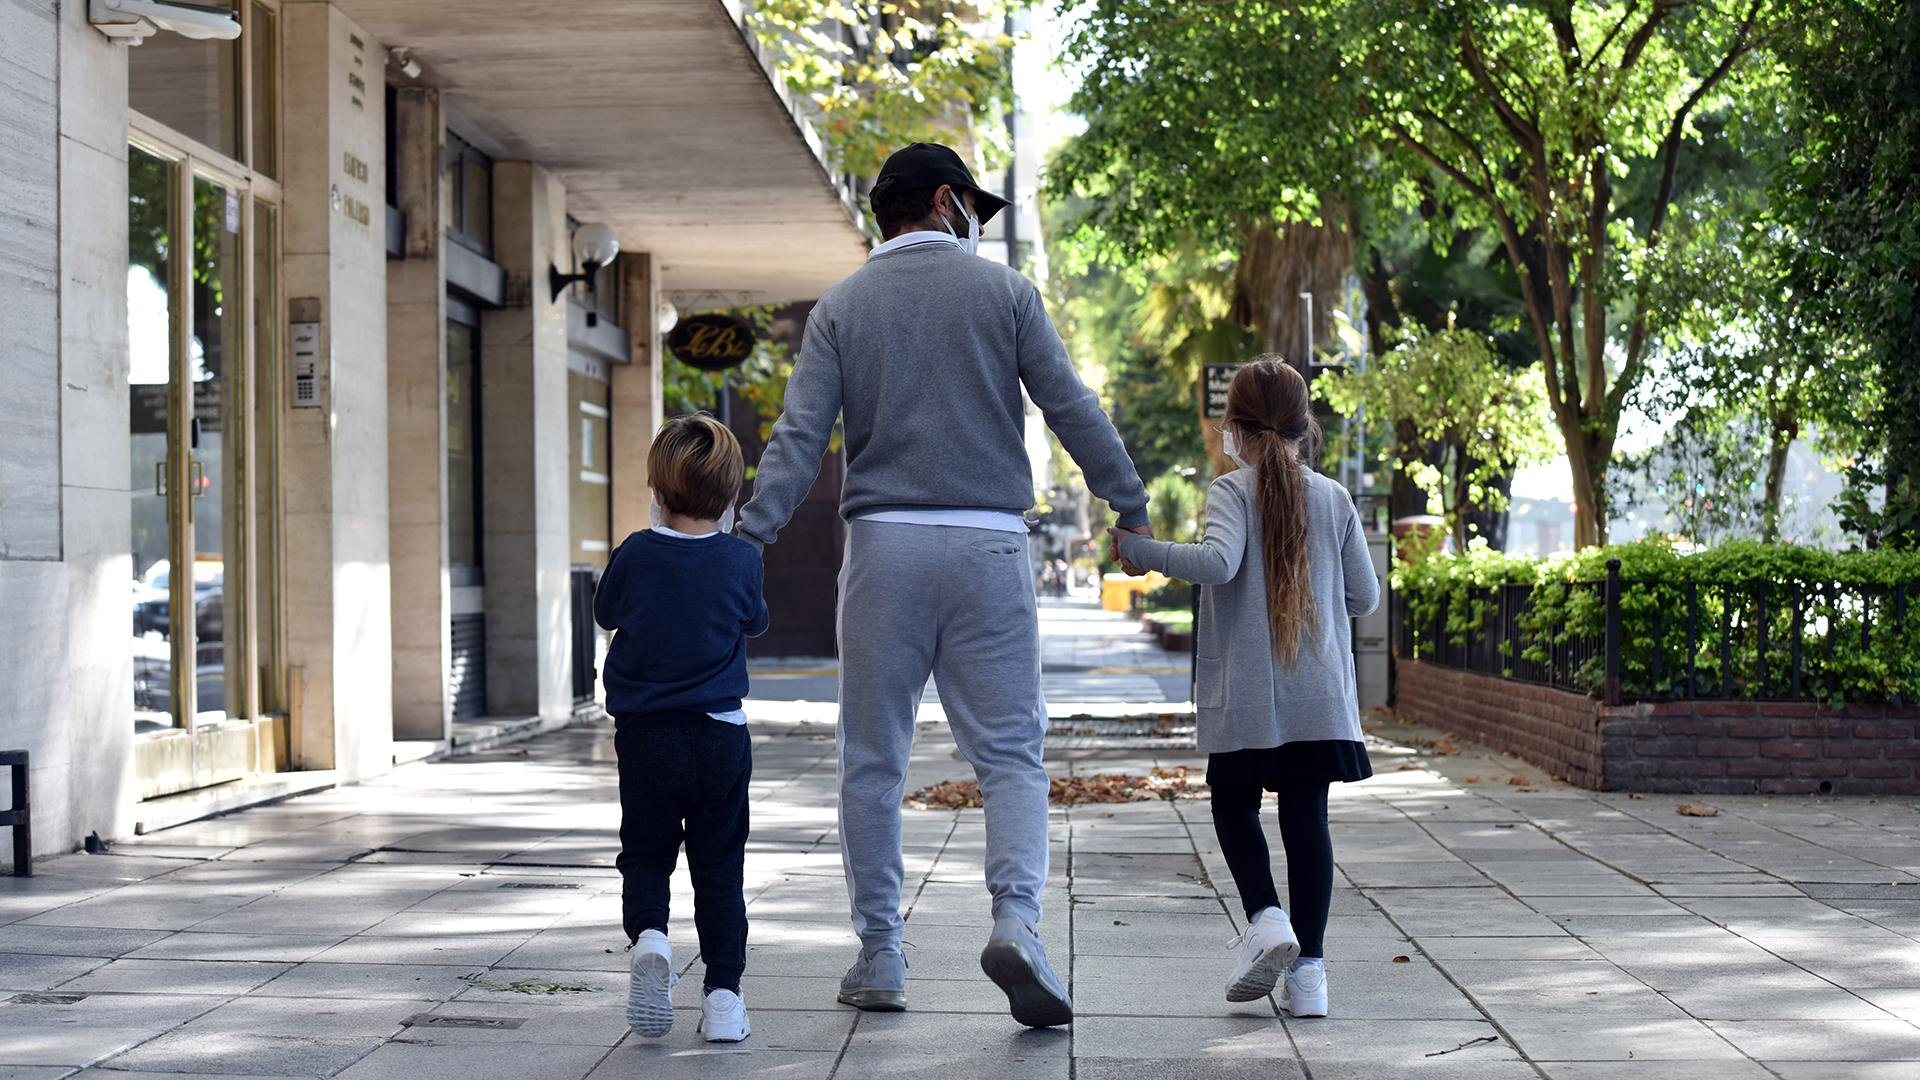 Desde el 1° de mayo, el Gobierno nacional autorizó que los niños y adolescentes hijos de padres separados puedan romper la cuarentena una vez por semana para alternar entre las casas de sus padres.